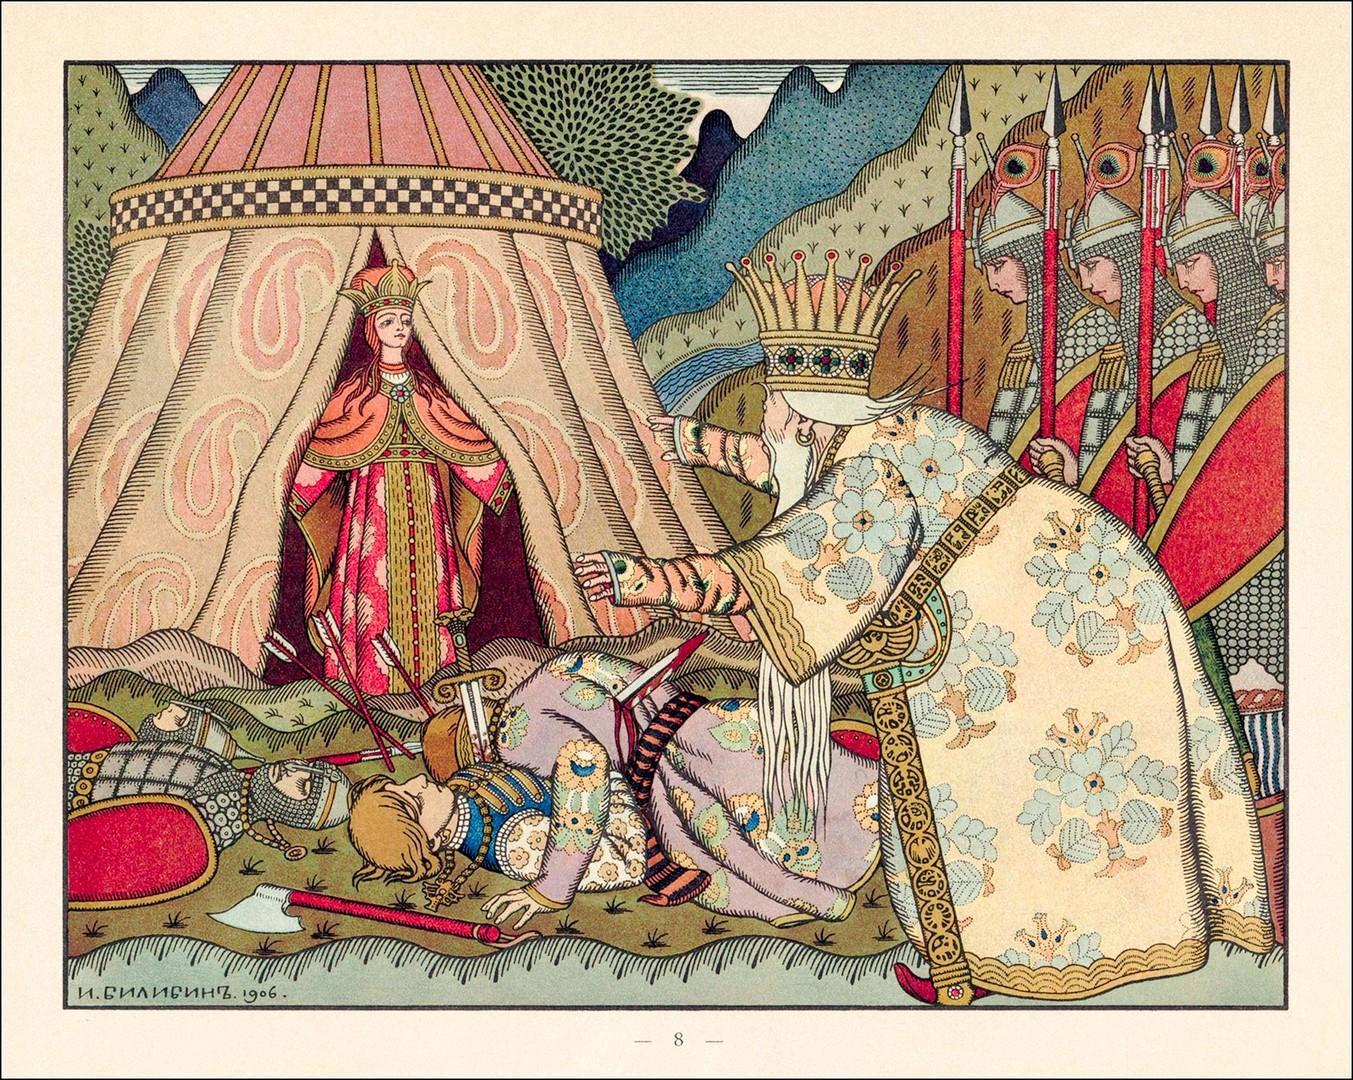 L'opéra Coq d'Or (1909).